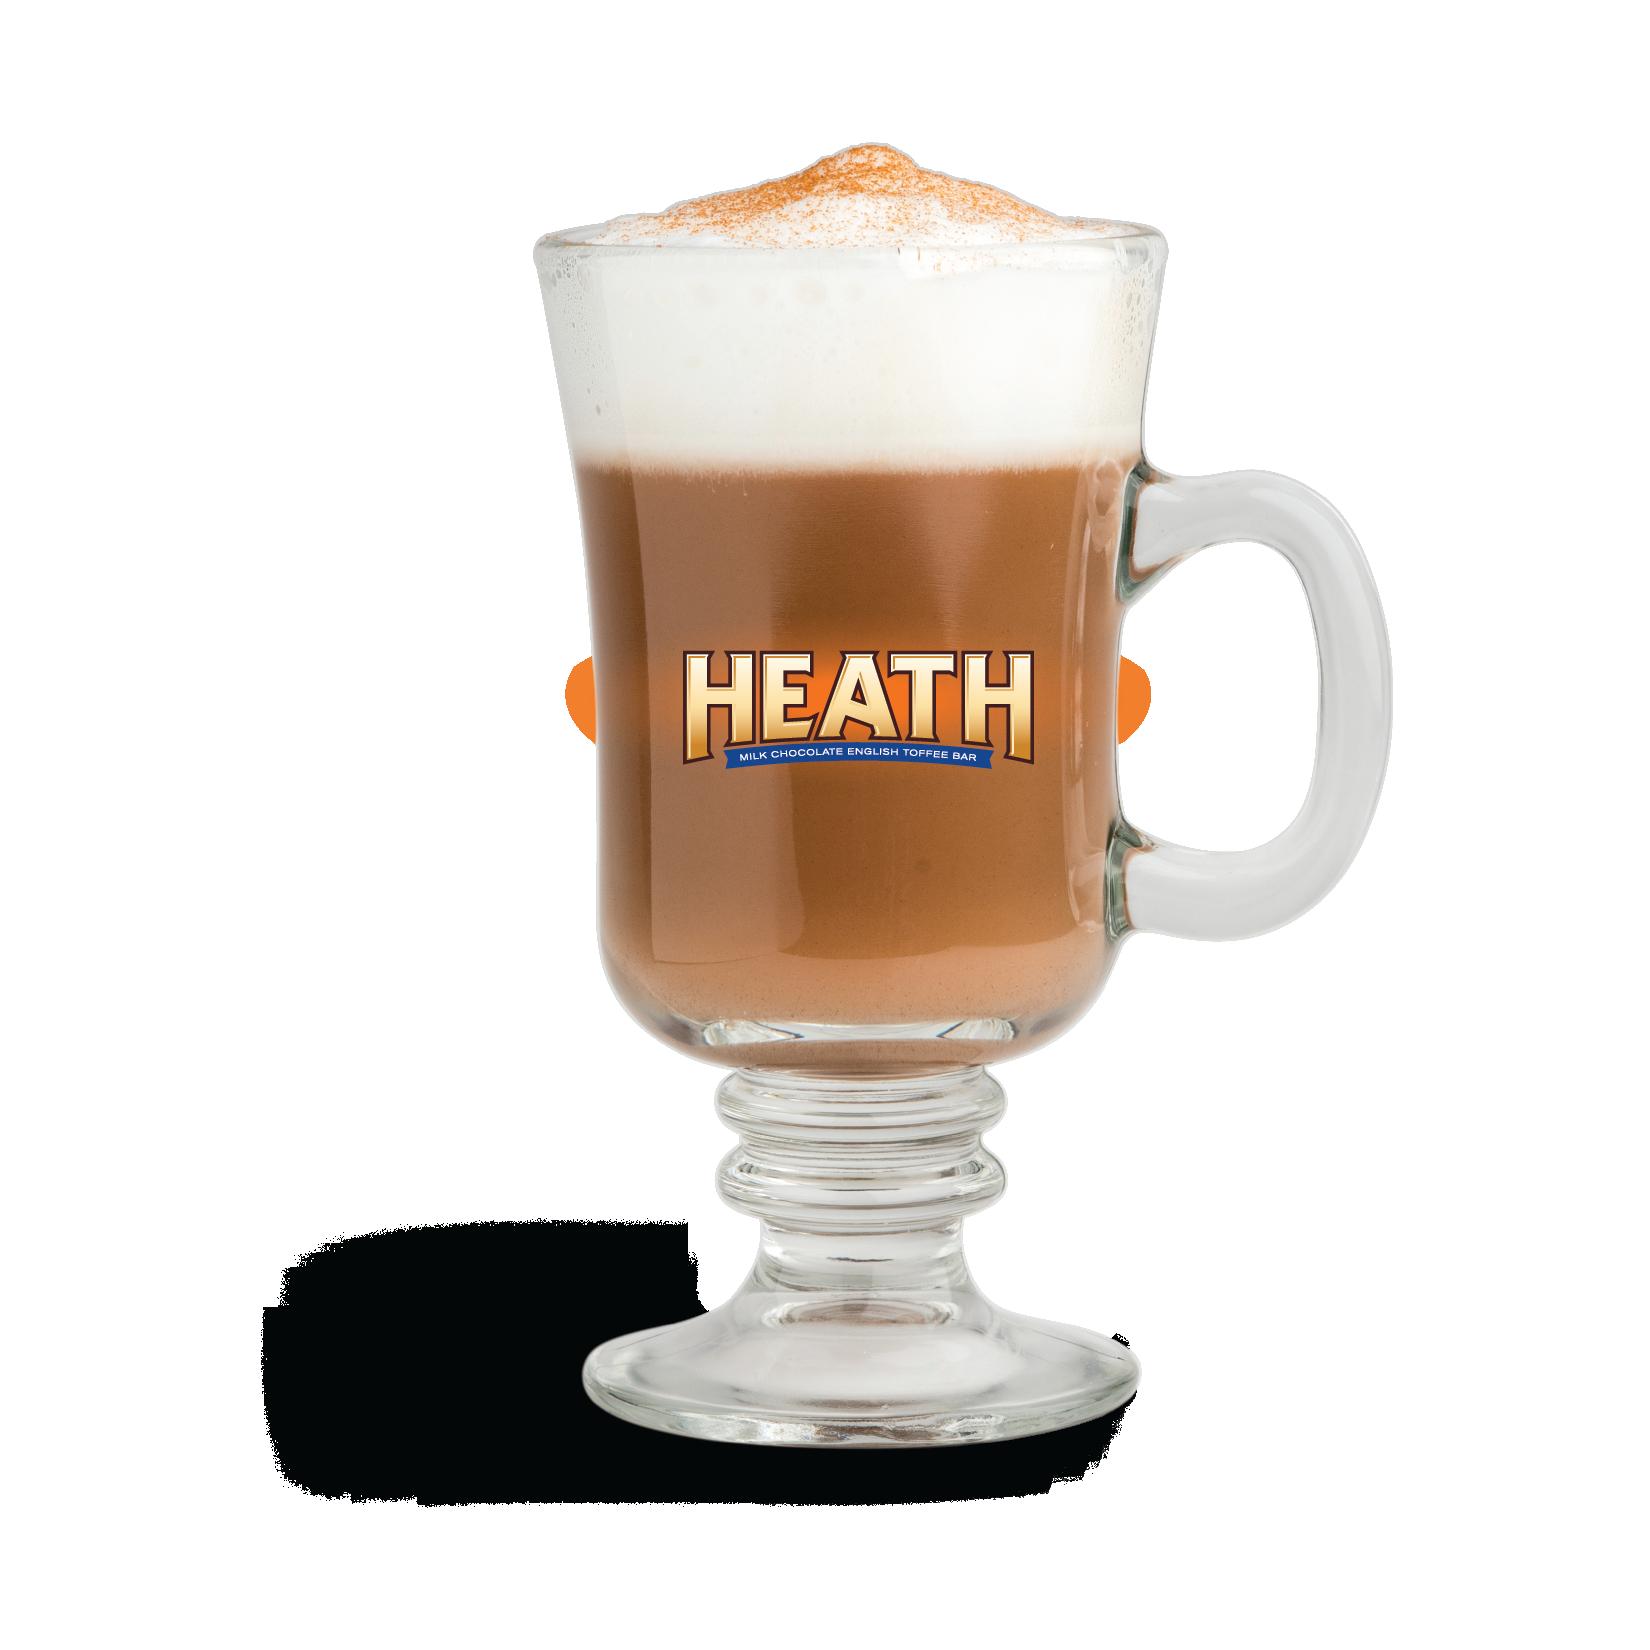 HEATH Flavored Cappuccino